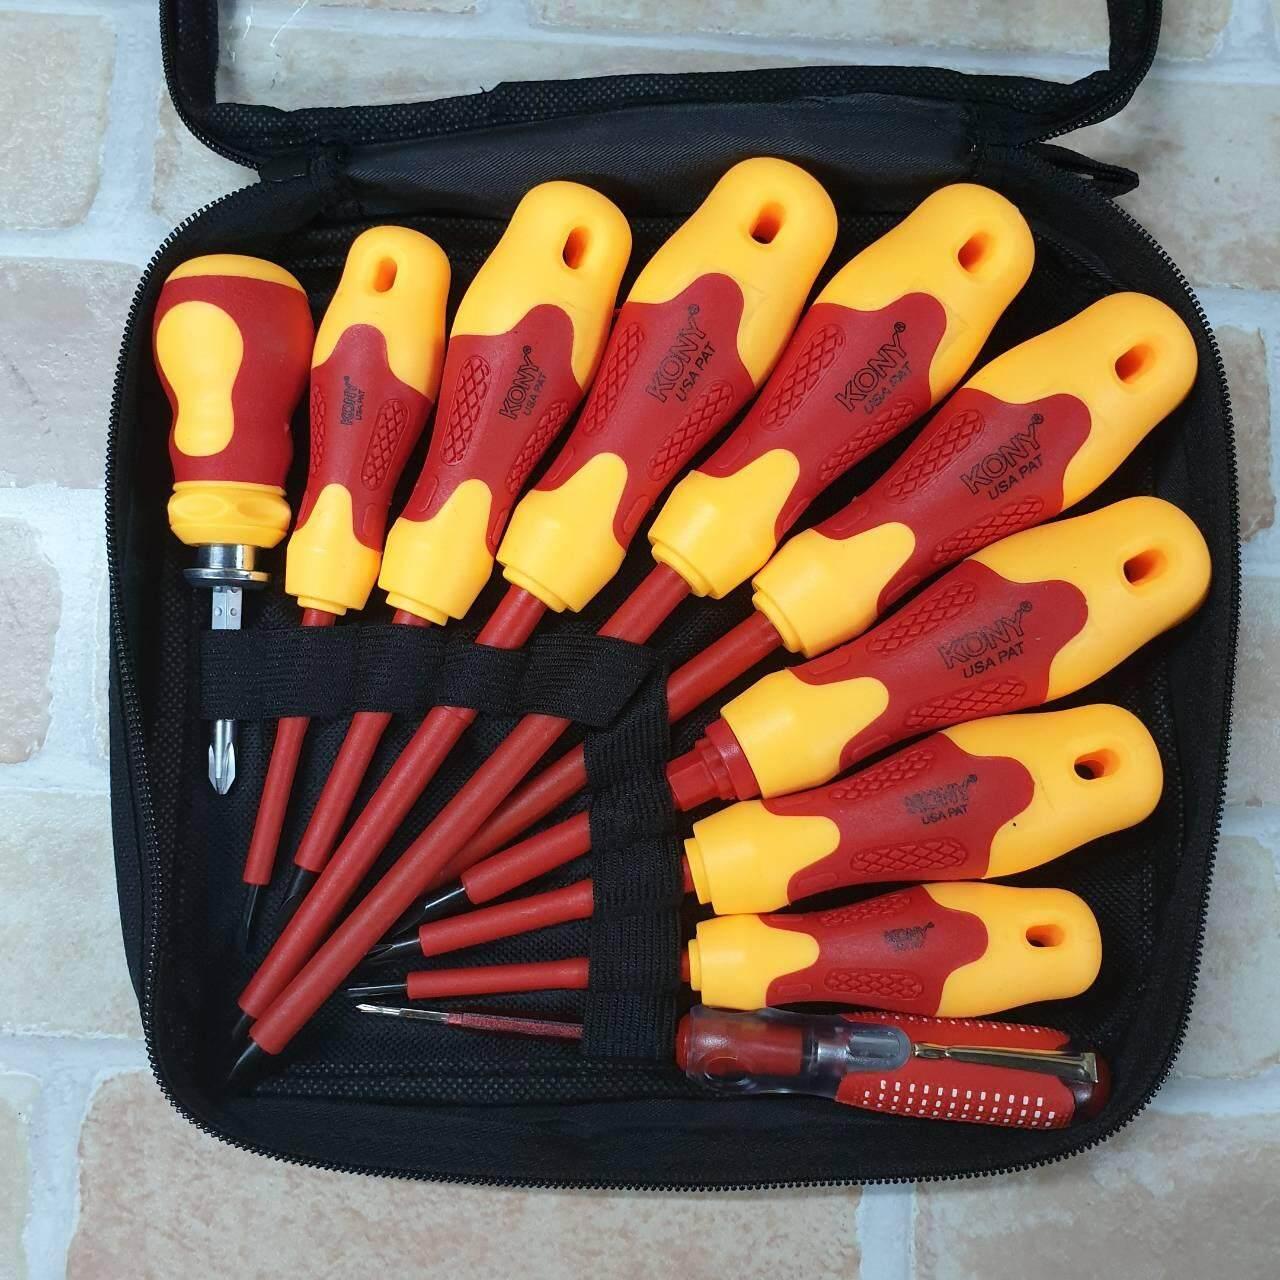 KONY ไขควงชุด ไขควงกันไฟ ไขควงช่างไฟ ไขควงหุ้มฉนวน 10 ตัว/ชุด